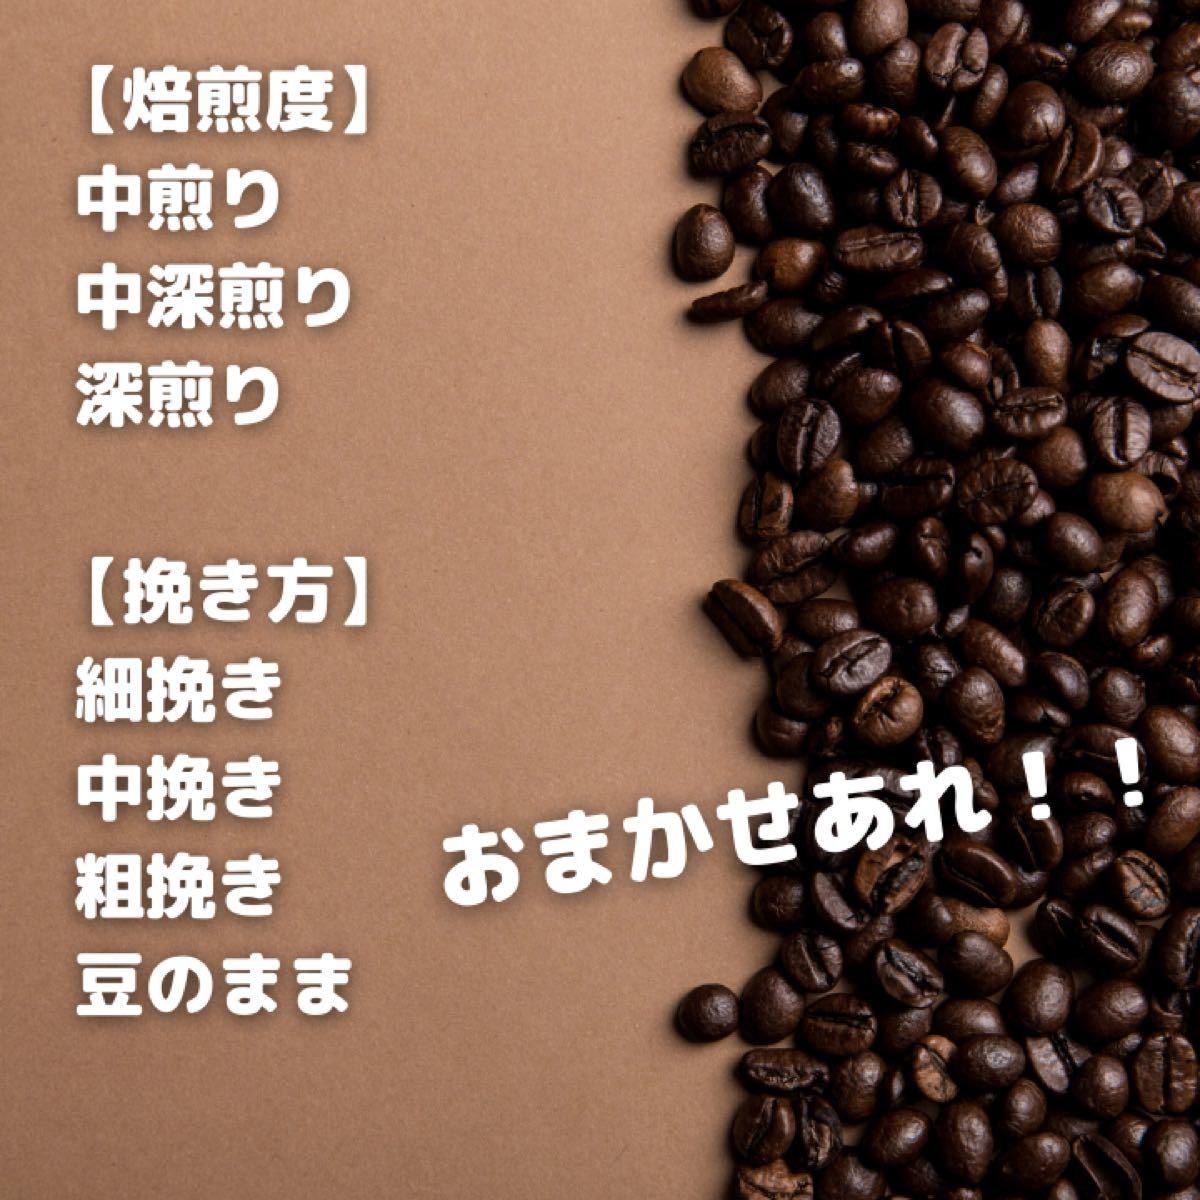 自家焙煎コーヒー豆【ブラジル サントス】200g